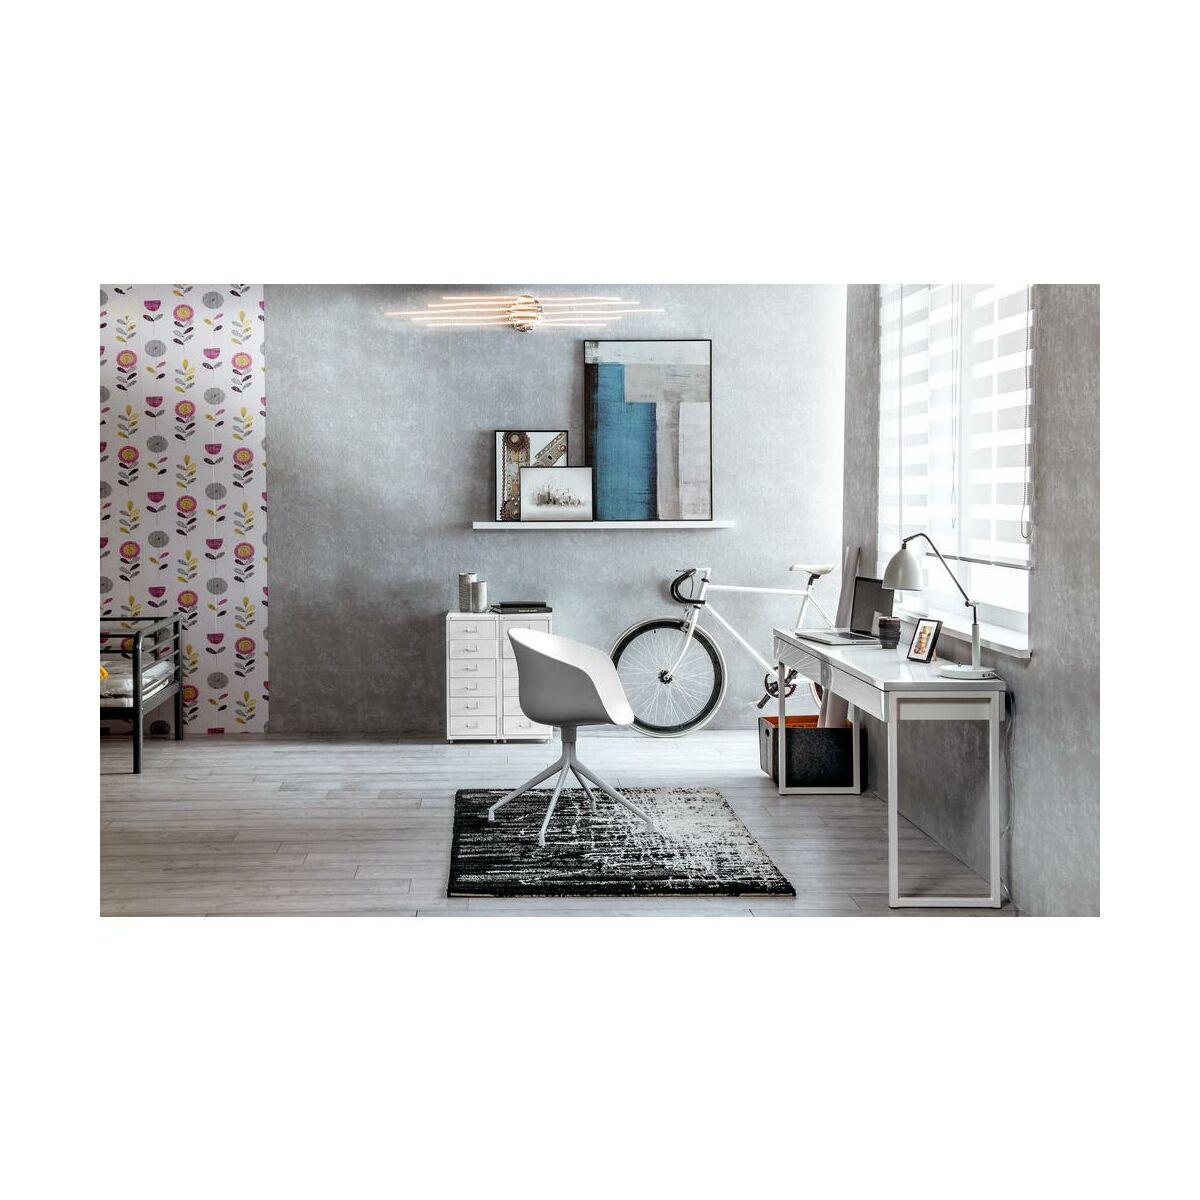 tapeta beton winylowa na flizelinie tapety dekoracyjne w atrakcyjnej cenie w sklepach leroy. Black Bedroom Furniture Sets. Home Design Ideas